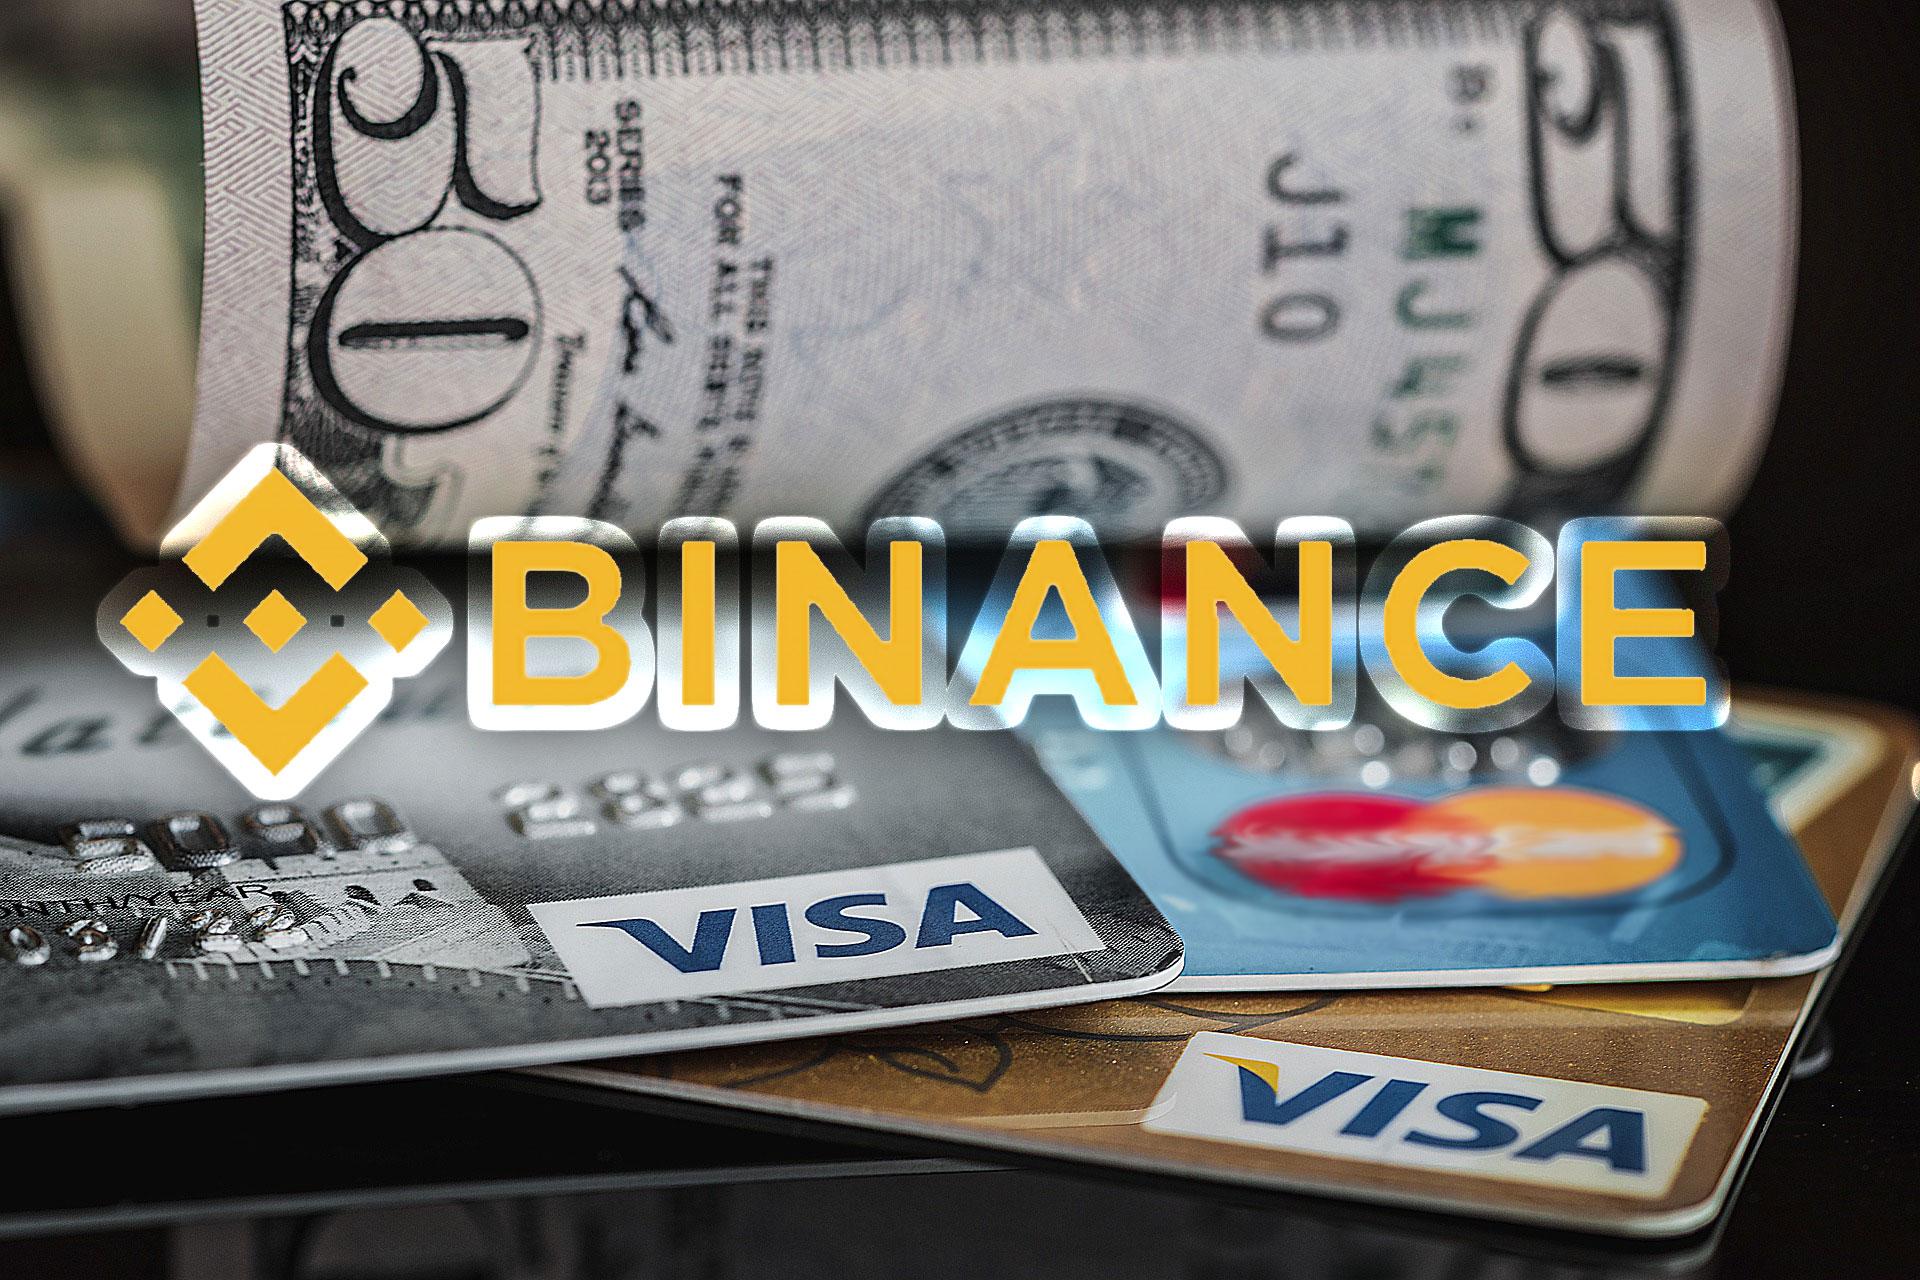 仮想通貨取引所「Binance」、仮想通貨即時購入サービスで新たに5つの通貨を追加!